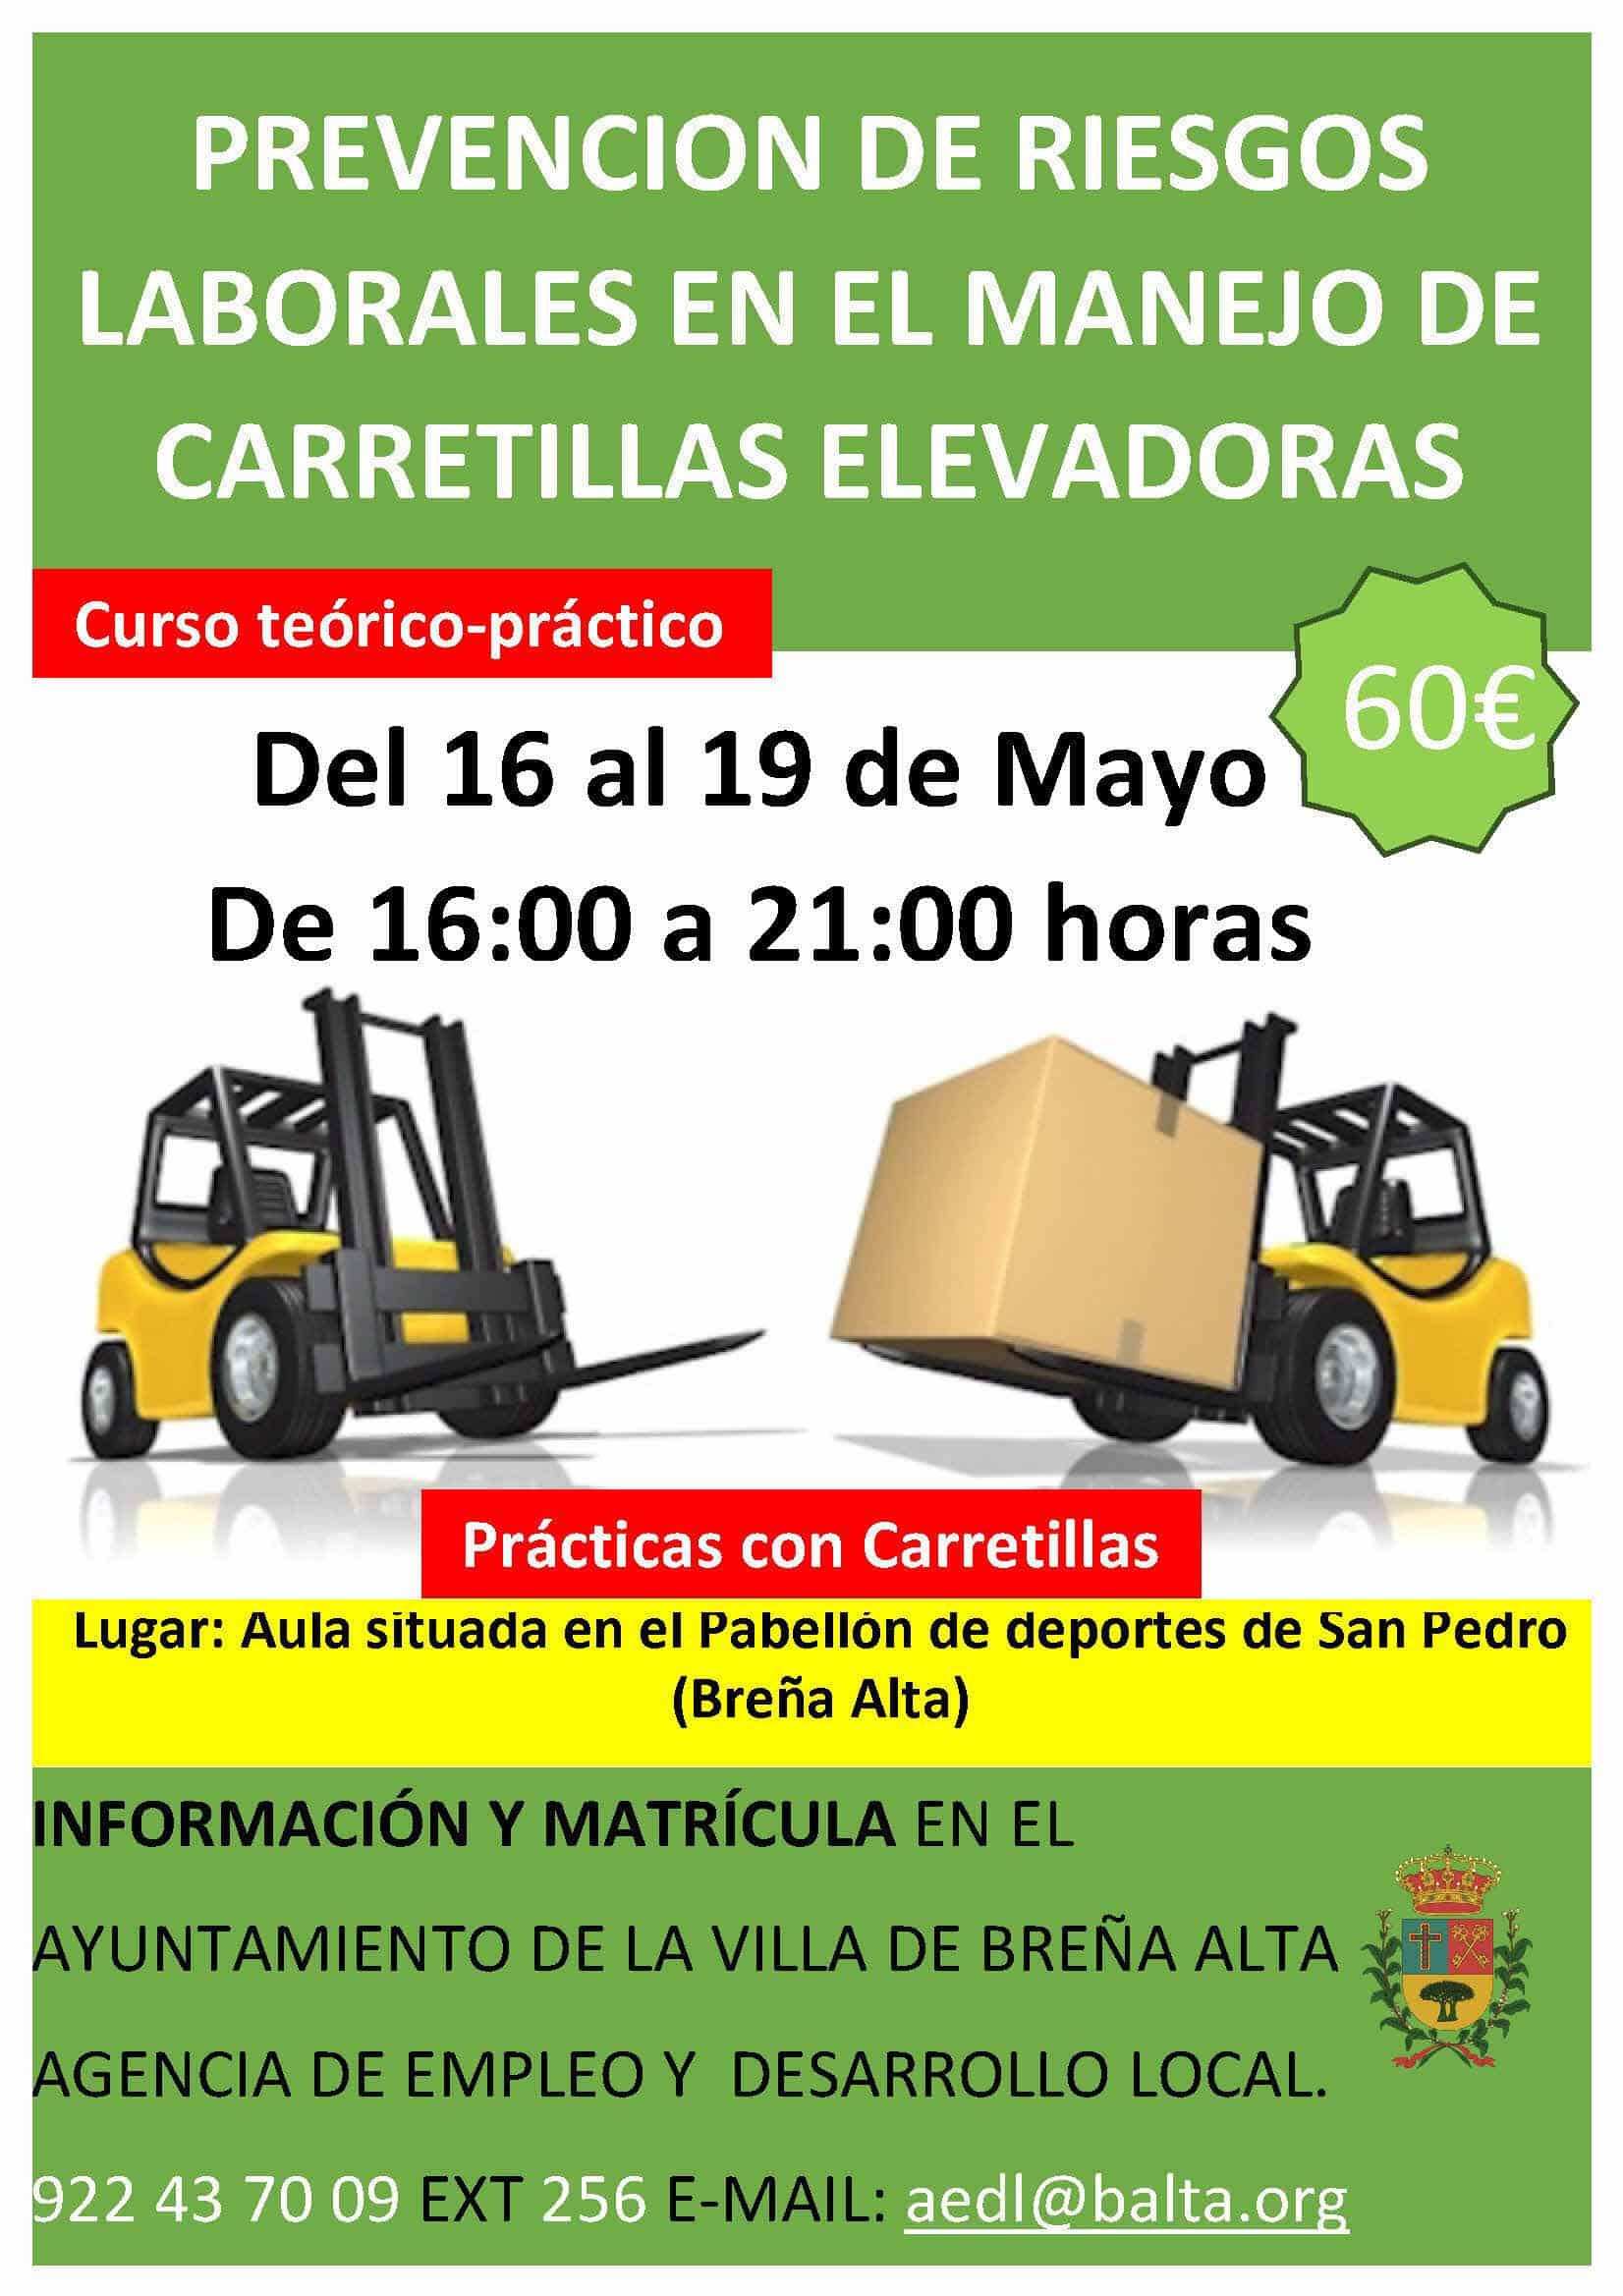 Cartel Carretillas Elevadoras 16_19 mayo